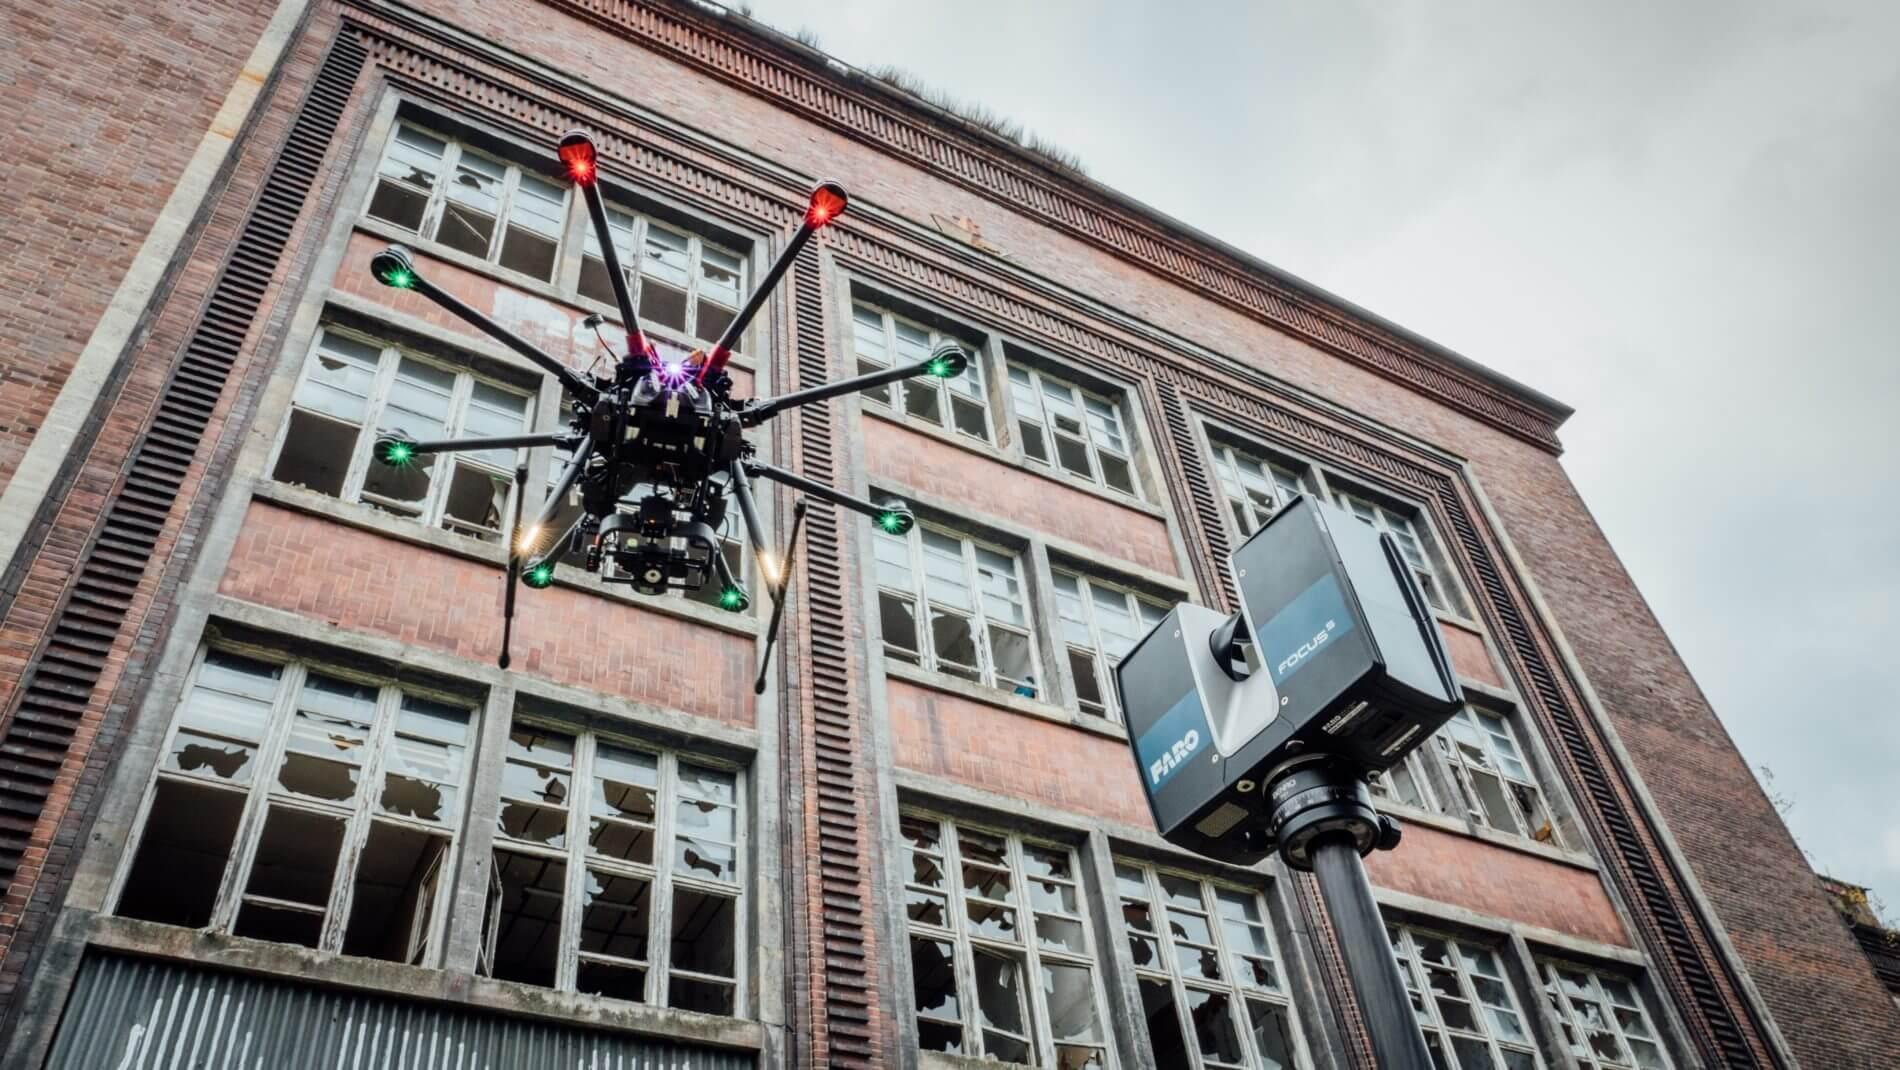 Dreidimensionale-Vermessung-von-Fassaden-mit-UAV-Drohnen-Befliegung